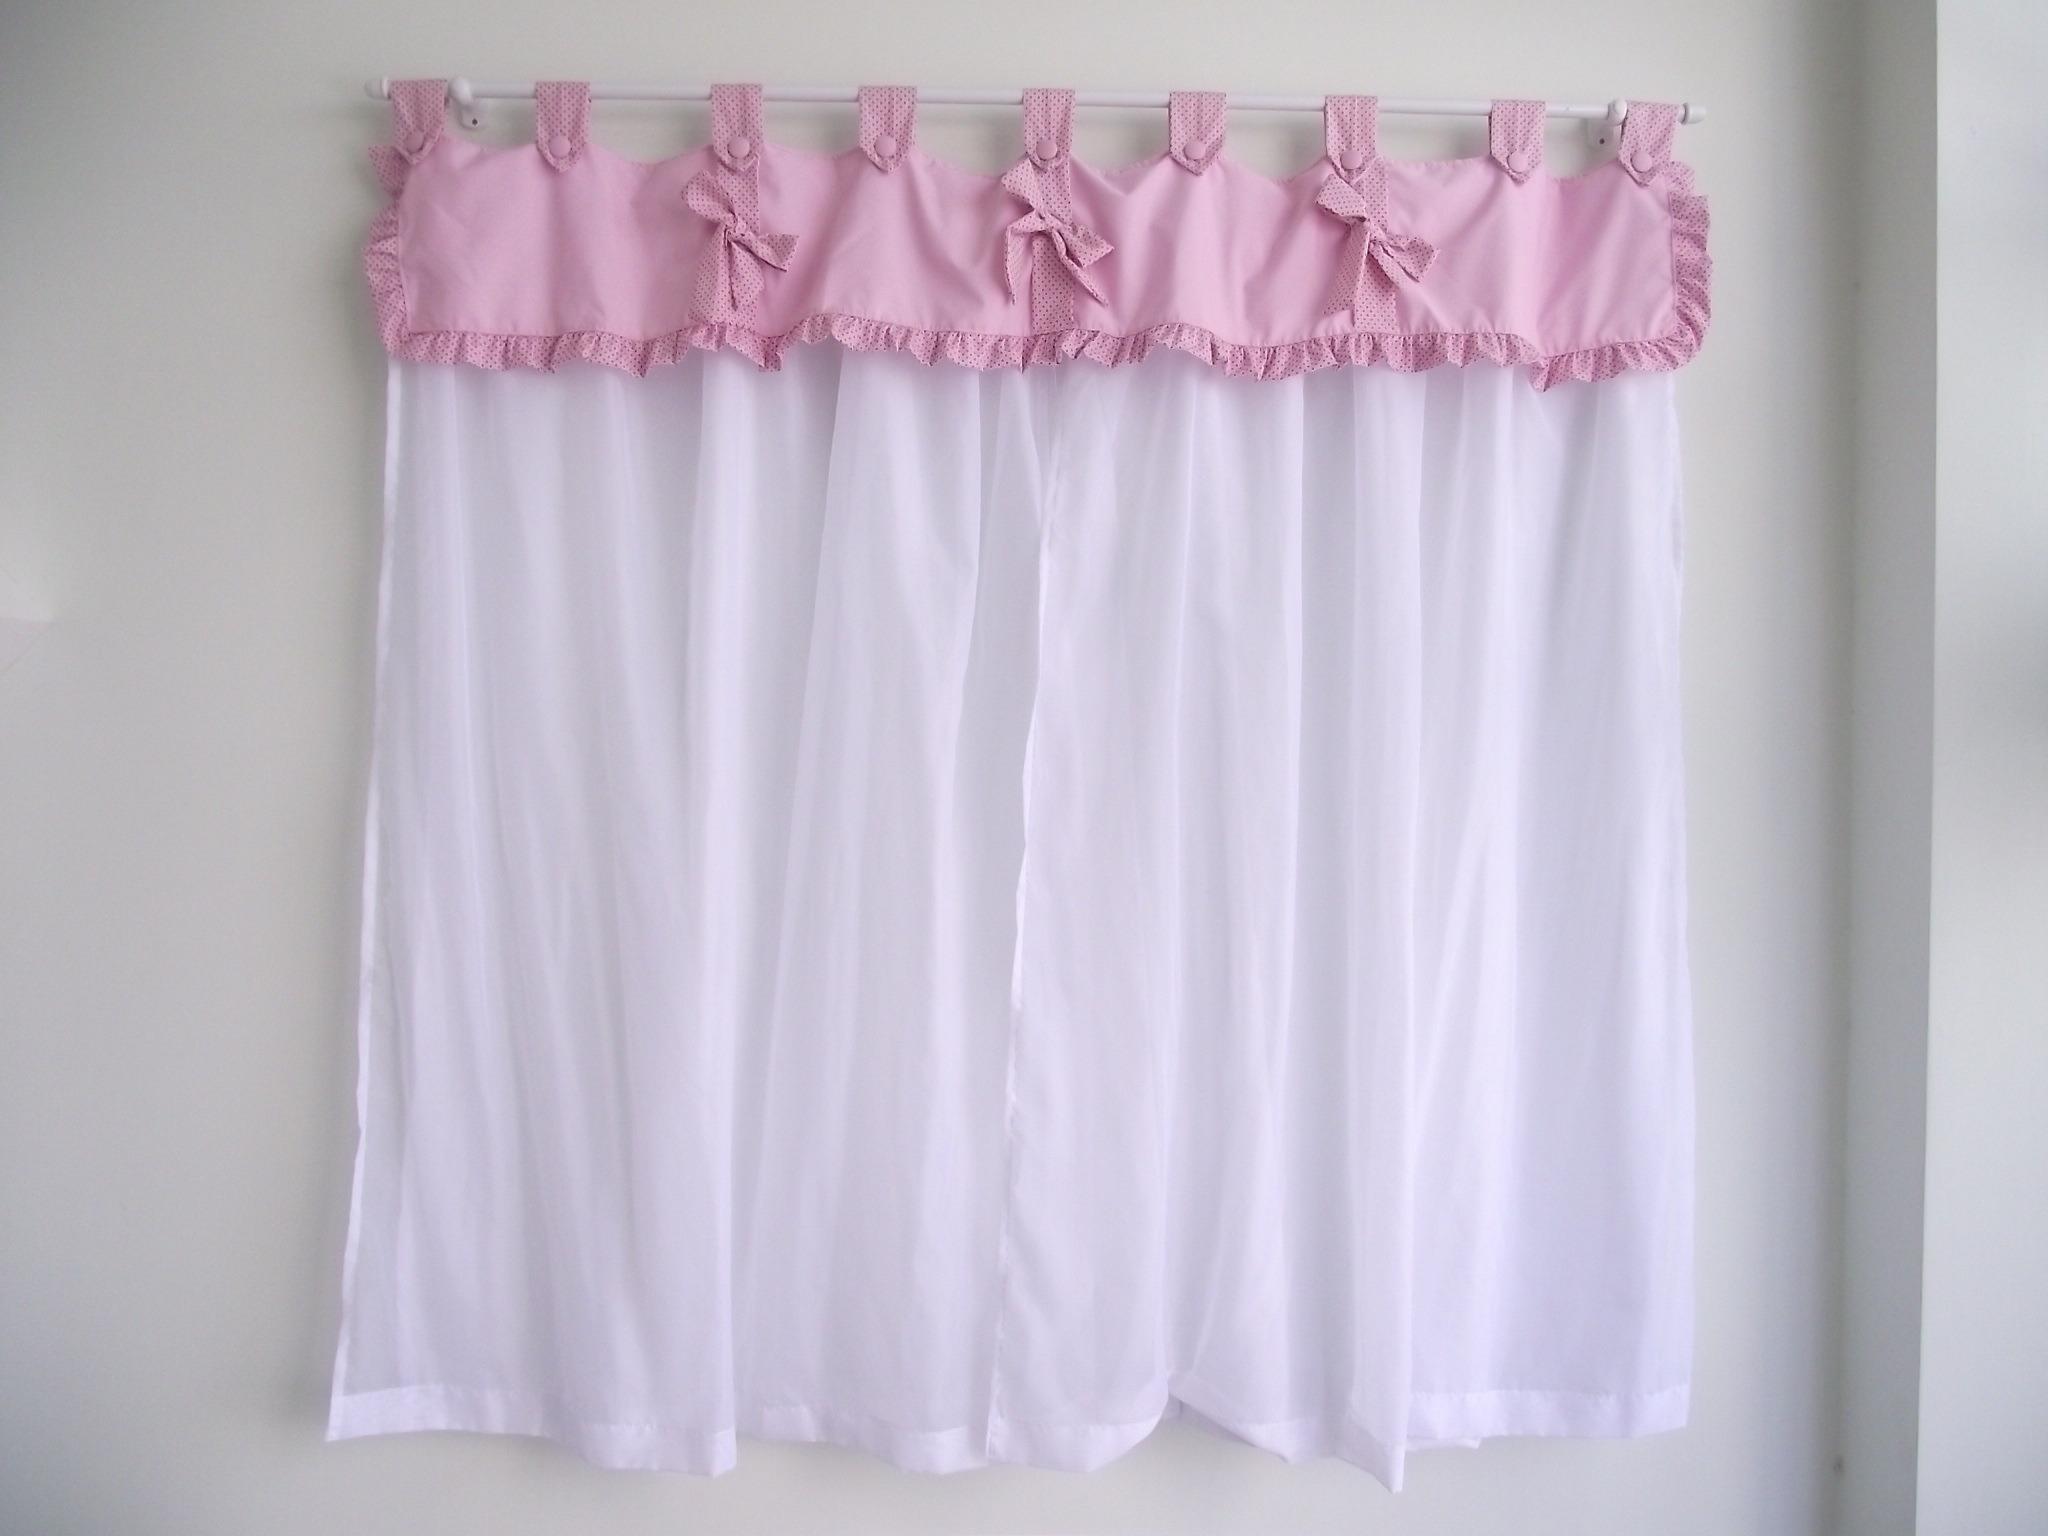 Cortina para quarto de beb la o de fita sonho de beb - Modelos de cortinas infantiles ...